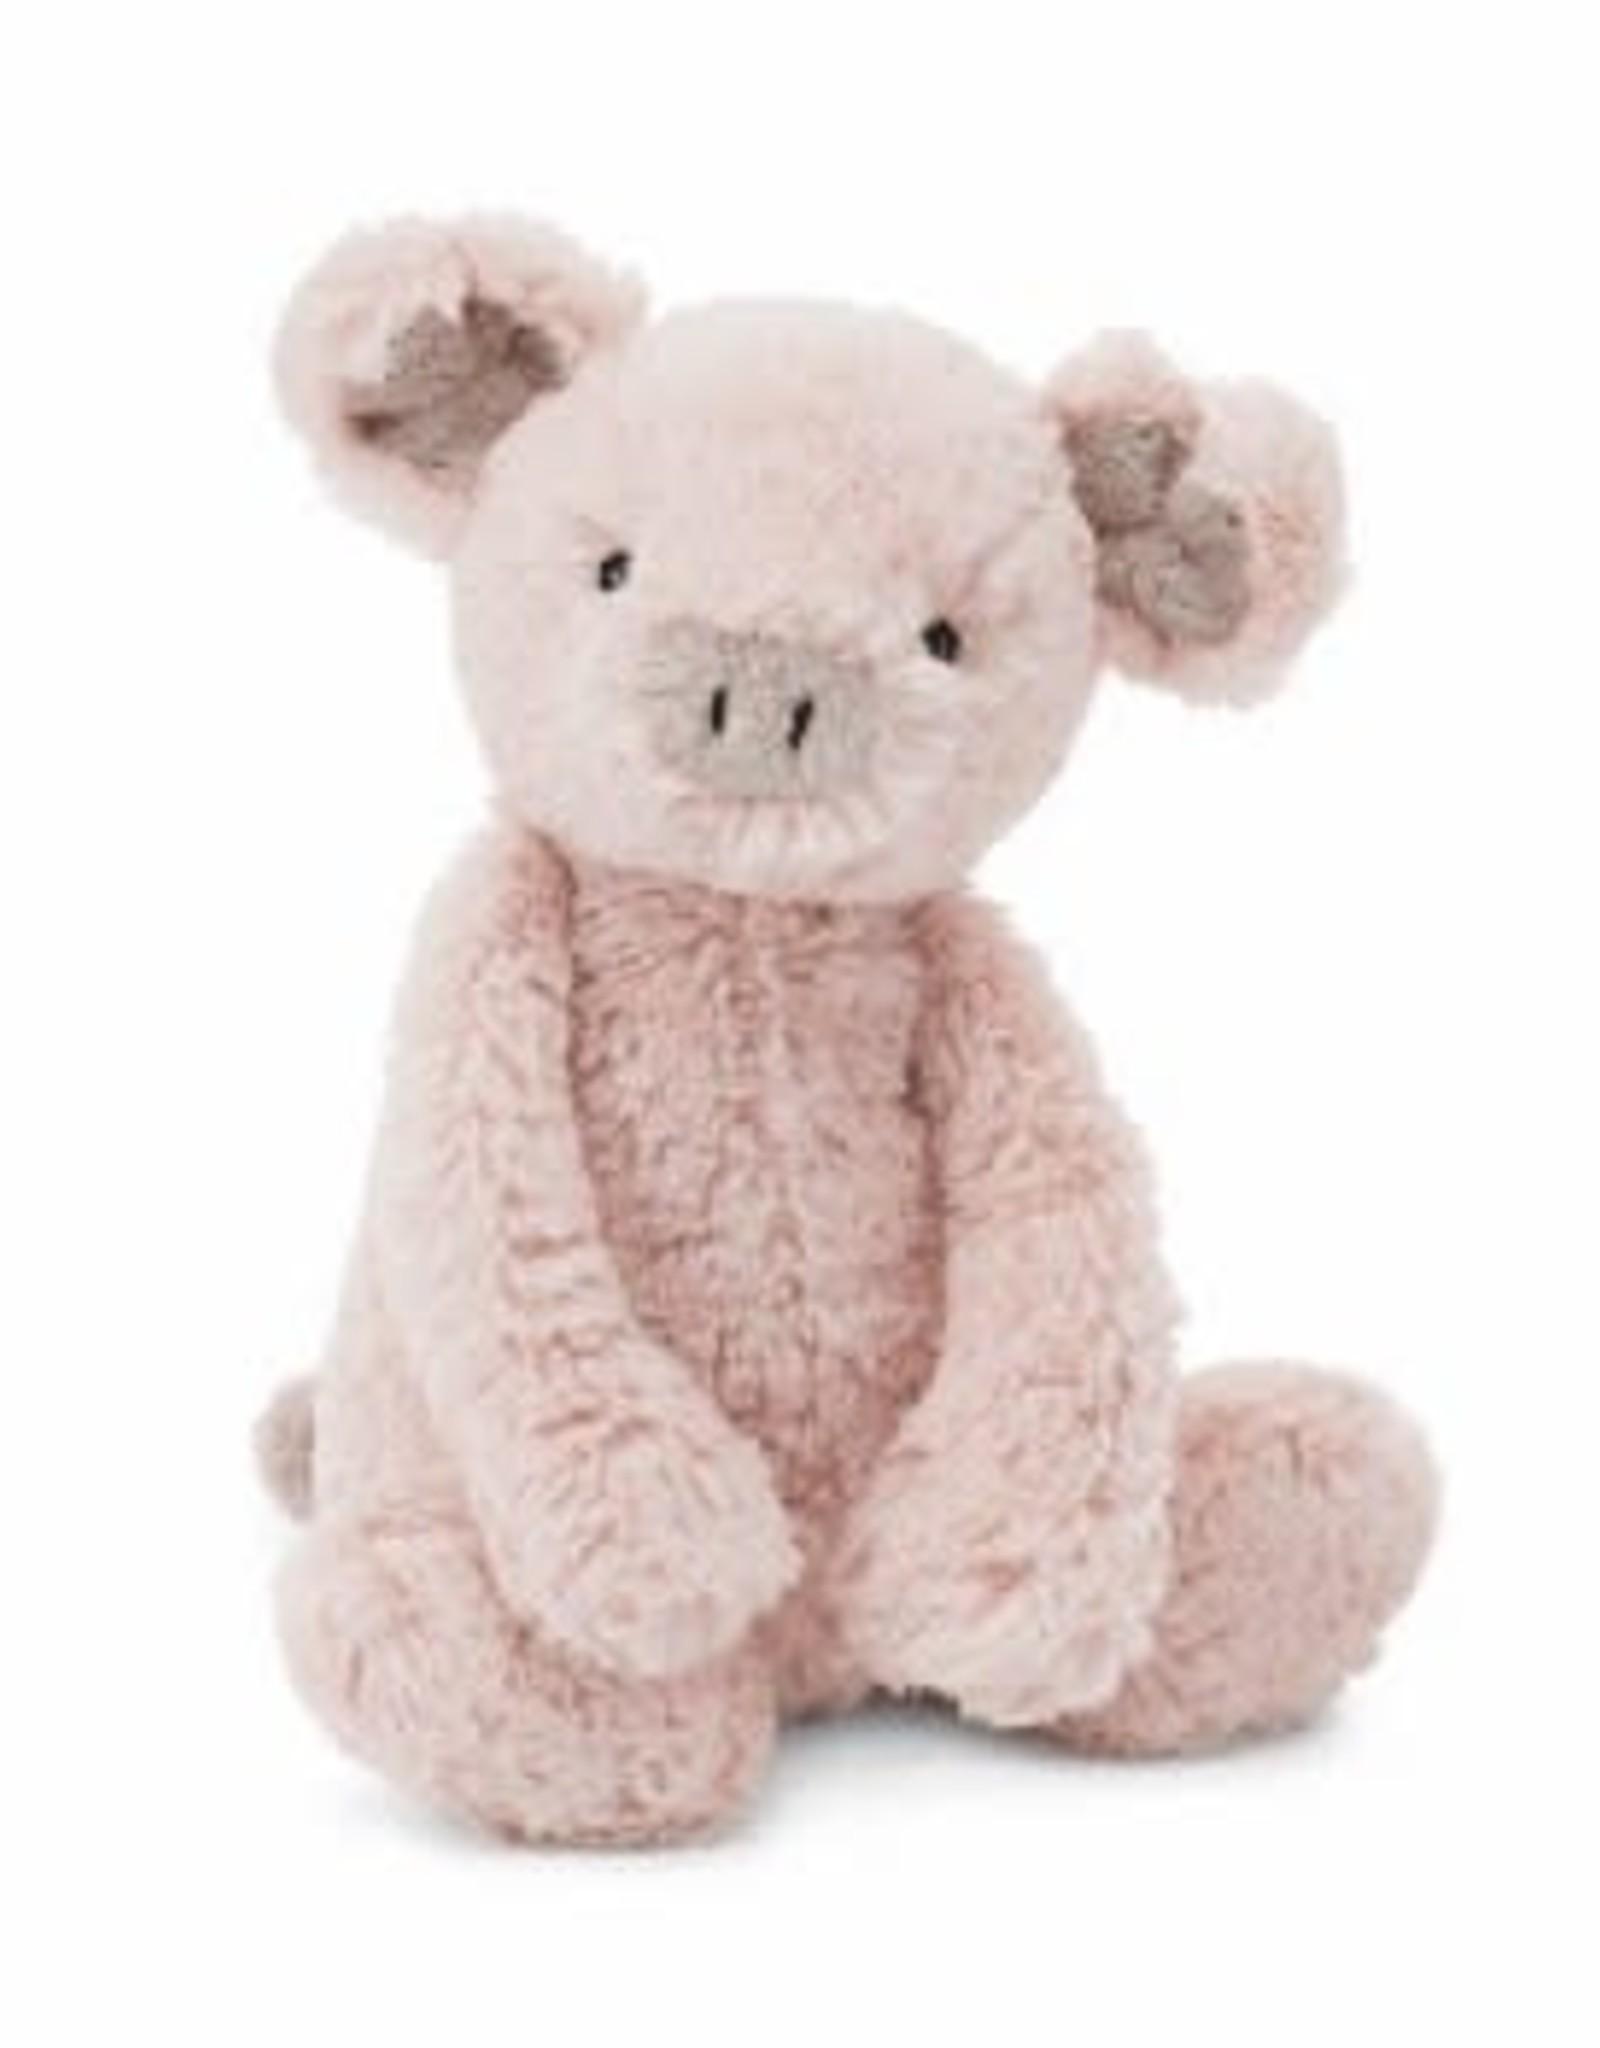 Jellycat Bashful Piggy small